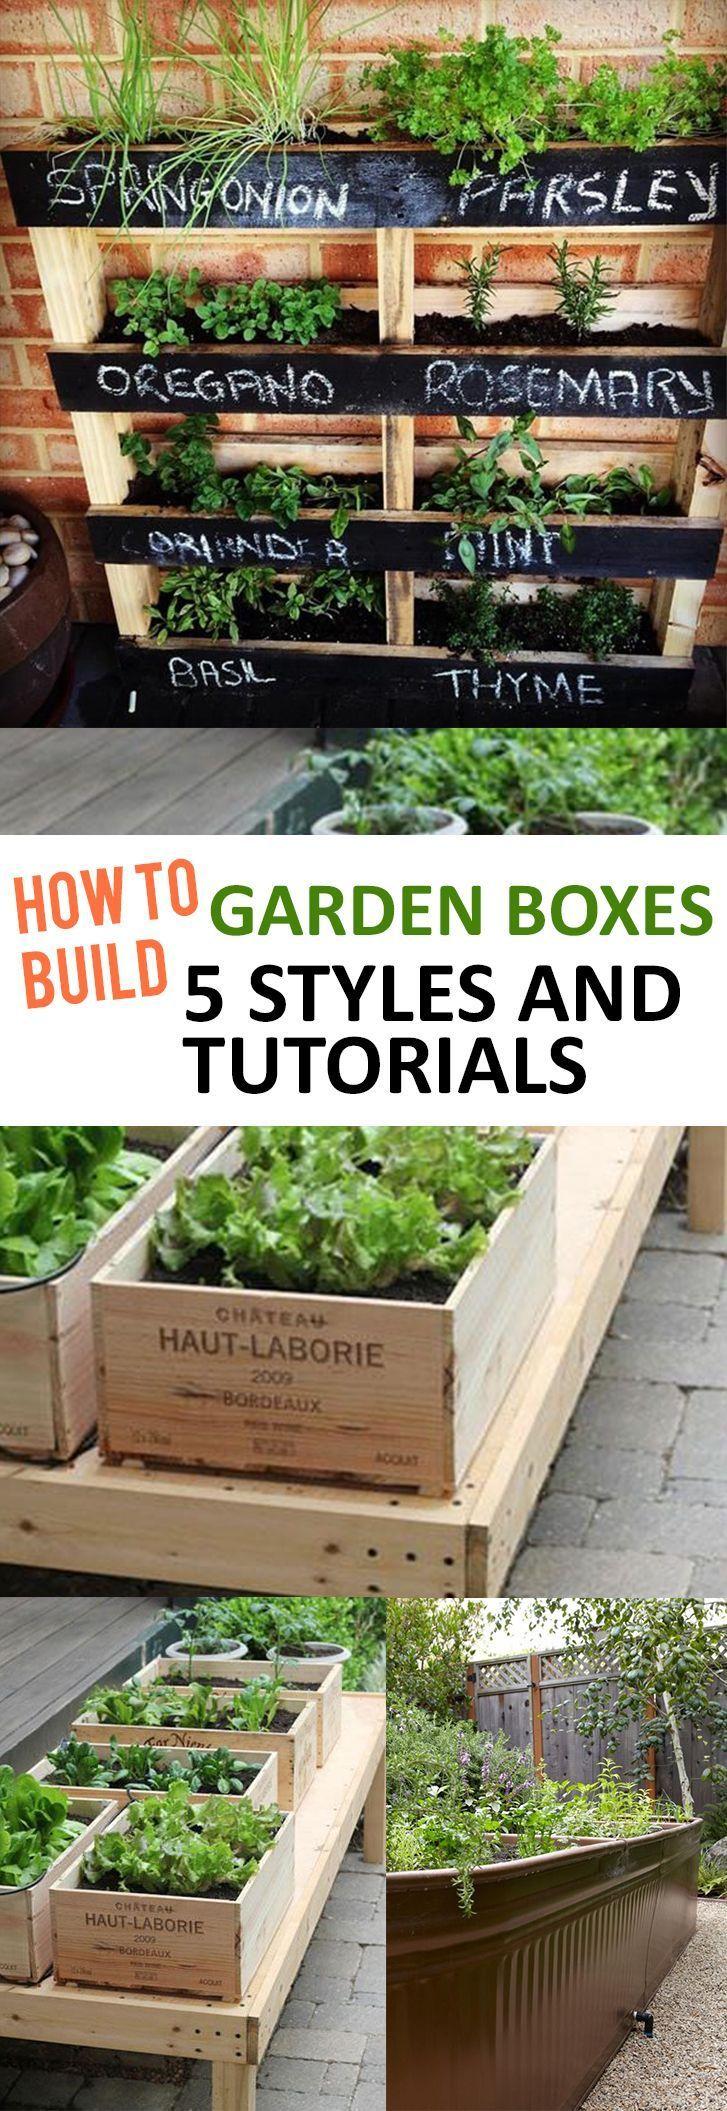 Cómo construir cajas de jardín 5 estilos y tutoriales